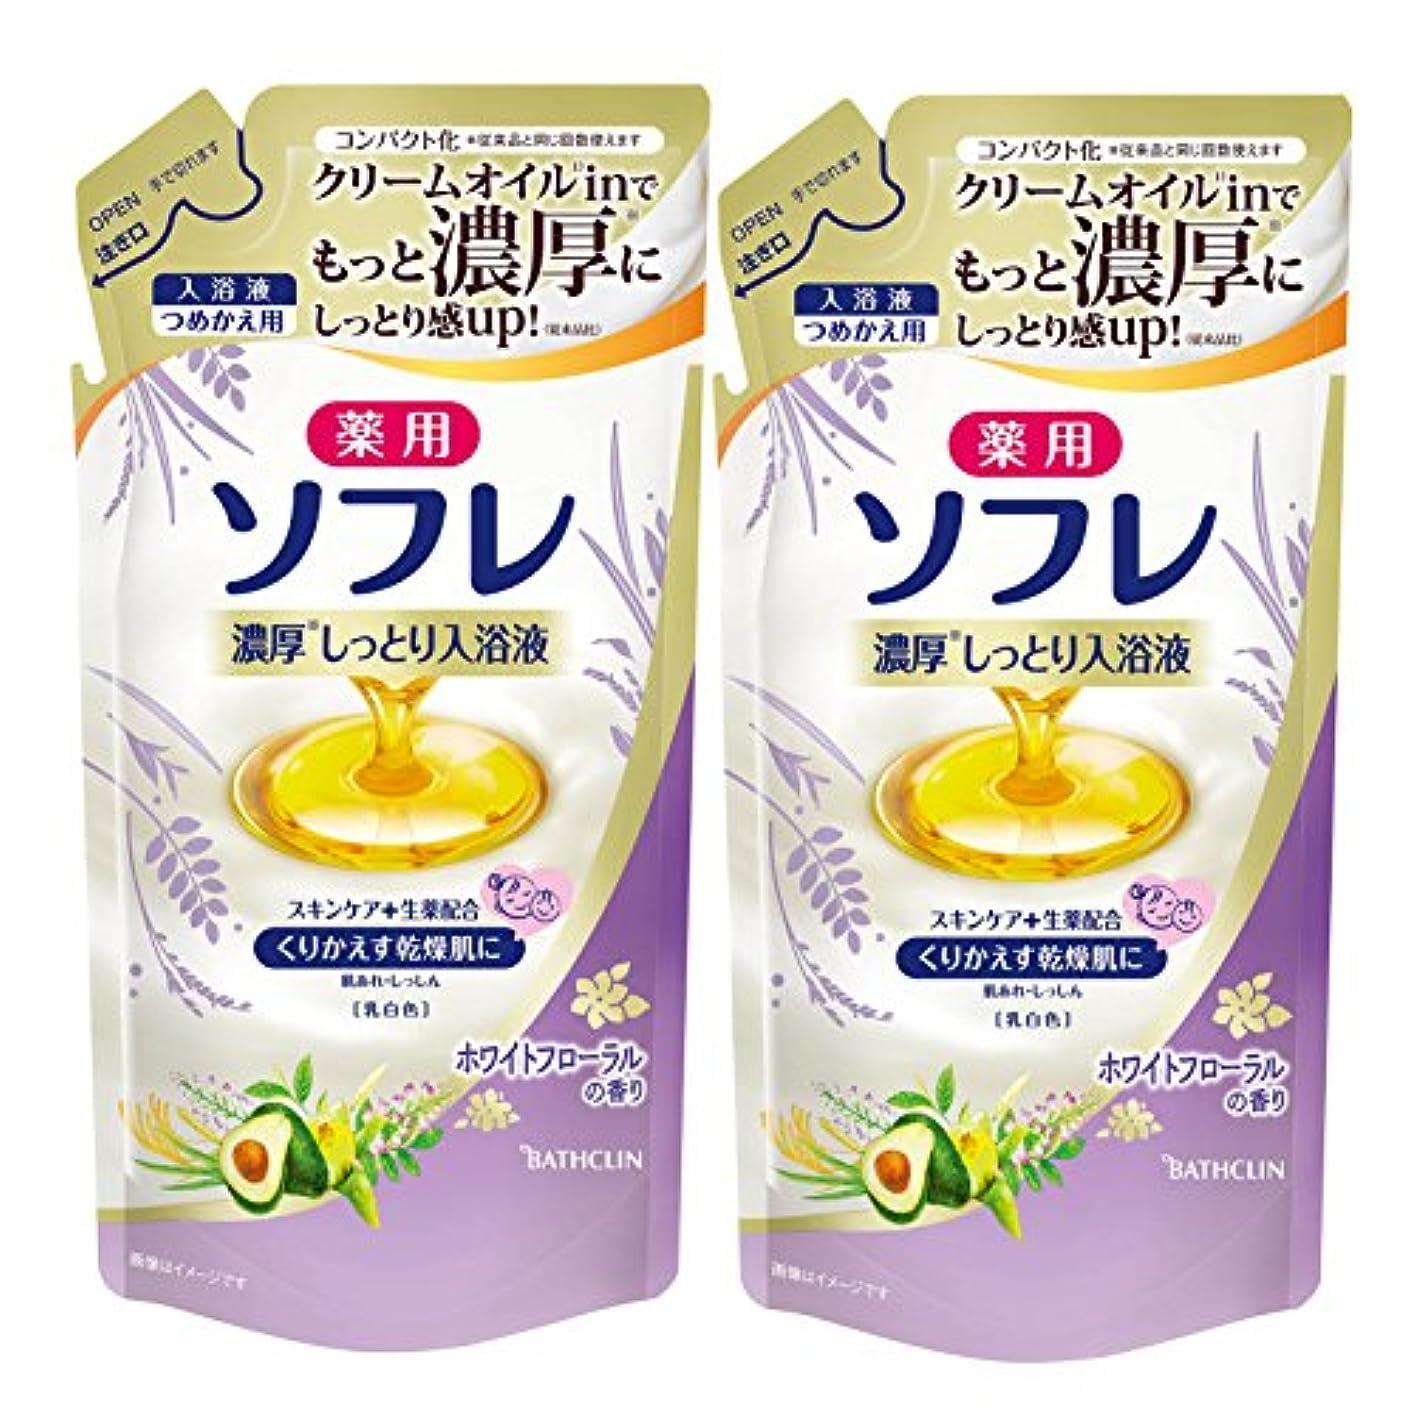 フェミニン意味のある特権的【セット品】薬用ソフレ 濃厚しっとり入浴液 ホワイトフローラルの香り つめかえ用 400mL (医薬部外品) 2個セット